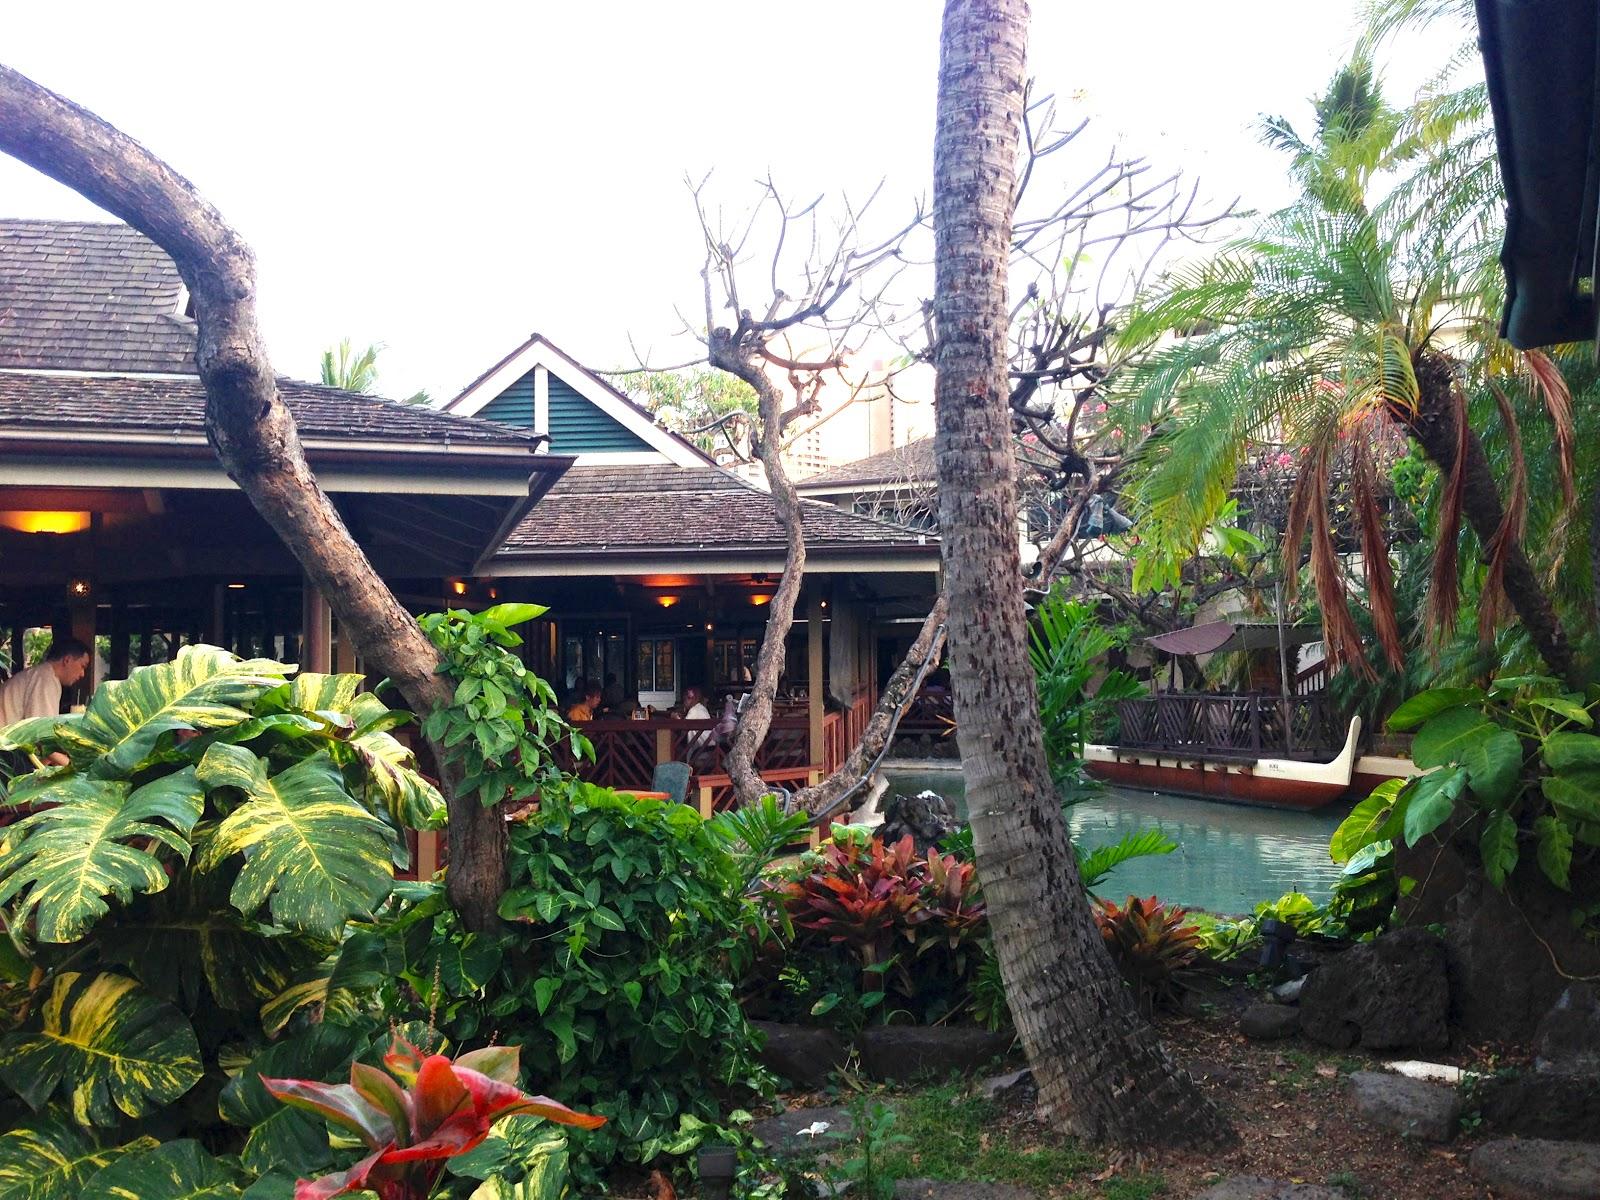 TASTE OF HAWAII: THE WILLOWS - HONOLULU, HAWAII